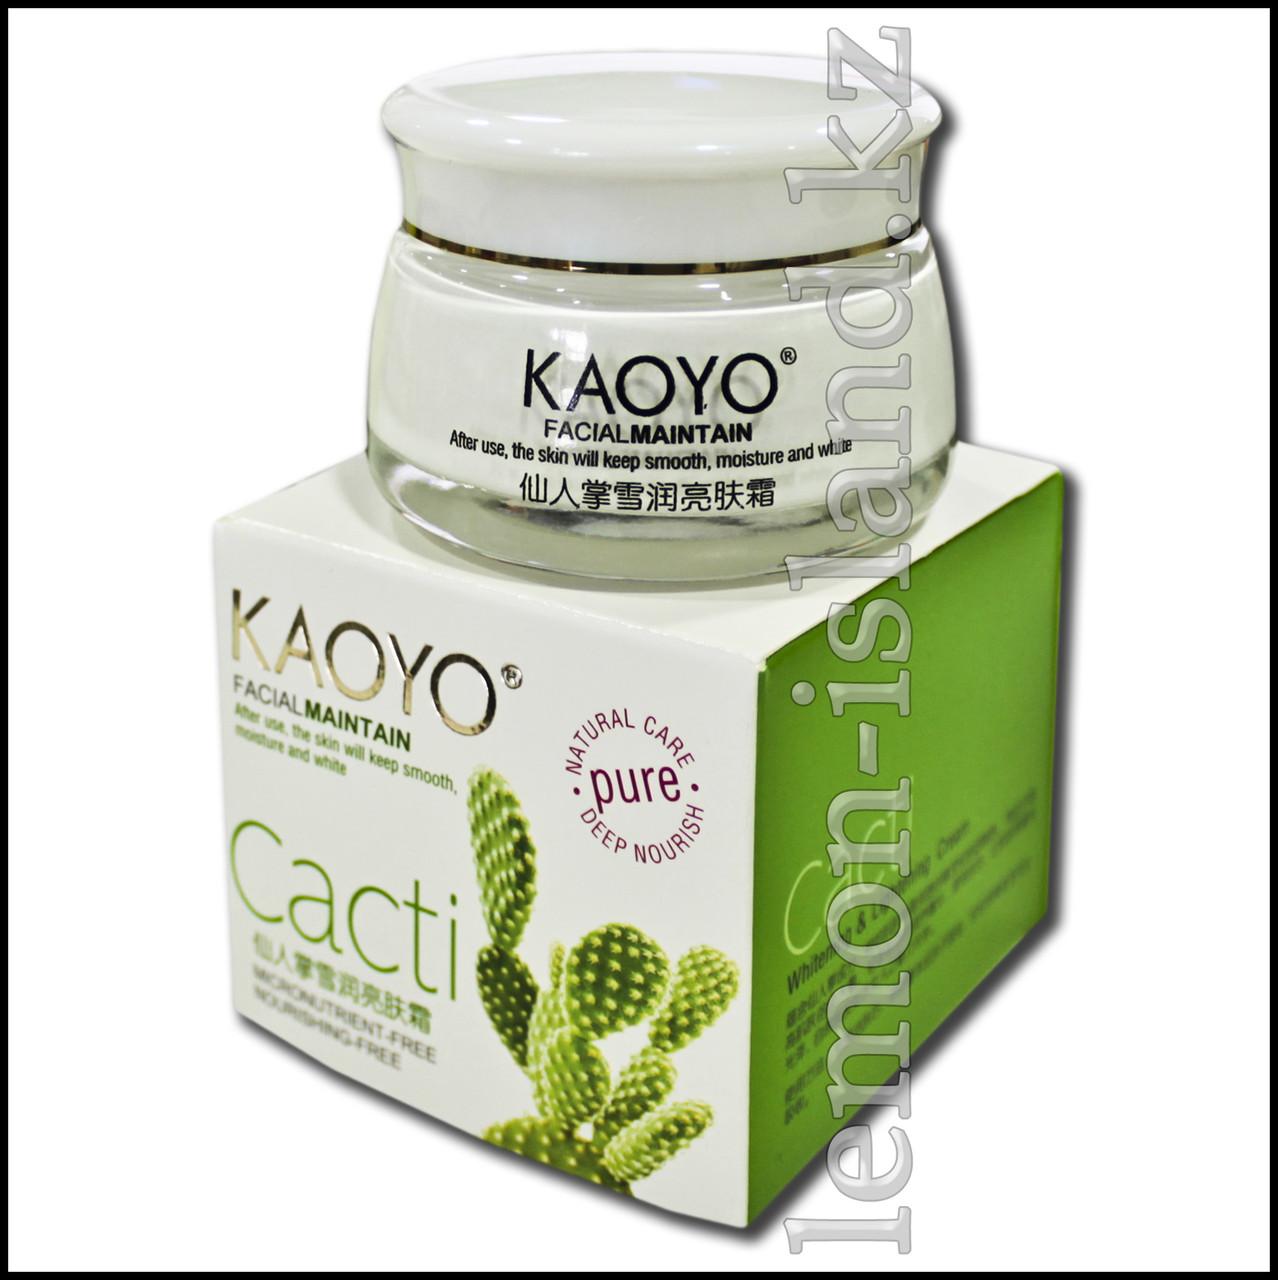 Крем для лица Kaoyo увлажняющий с соком кактуса.